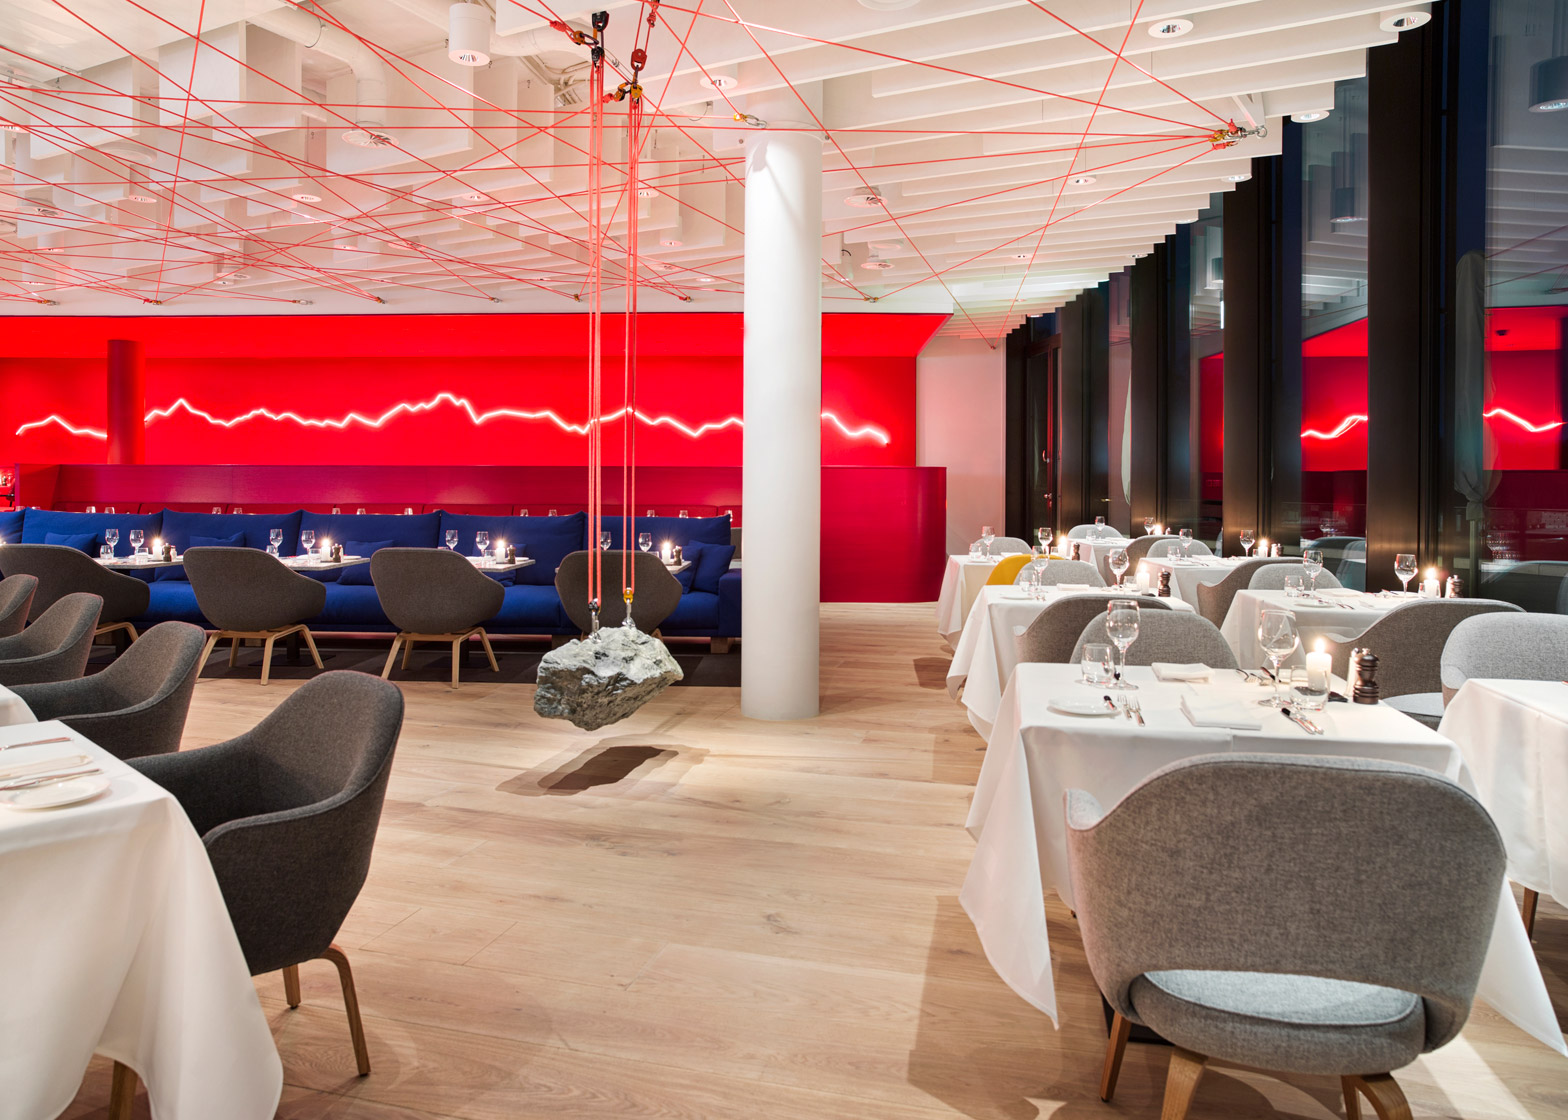 architecture_saltz_restaurant_the_dolder_grand_design_studia_interiors_osnovadesign_osnova_poltava_02